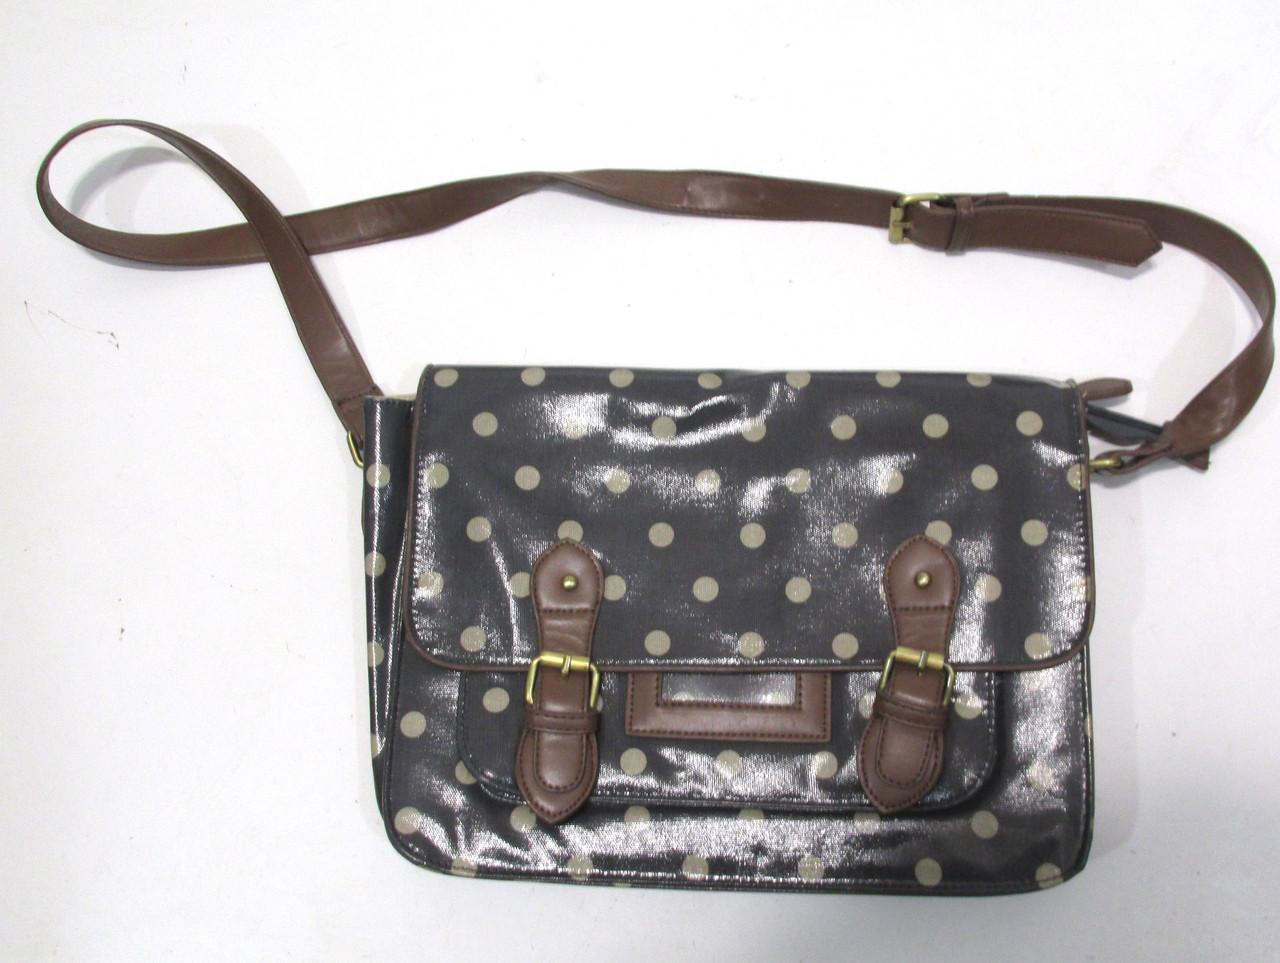 Сумочка чемоданчик коричневая, в горошек, 36х26 см Отл сост!